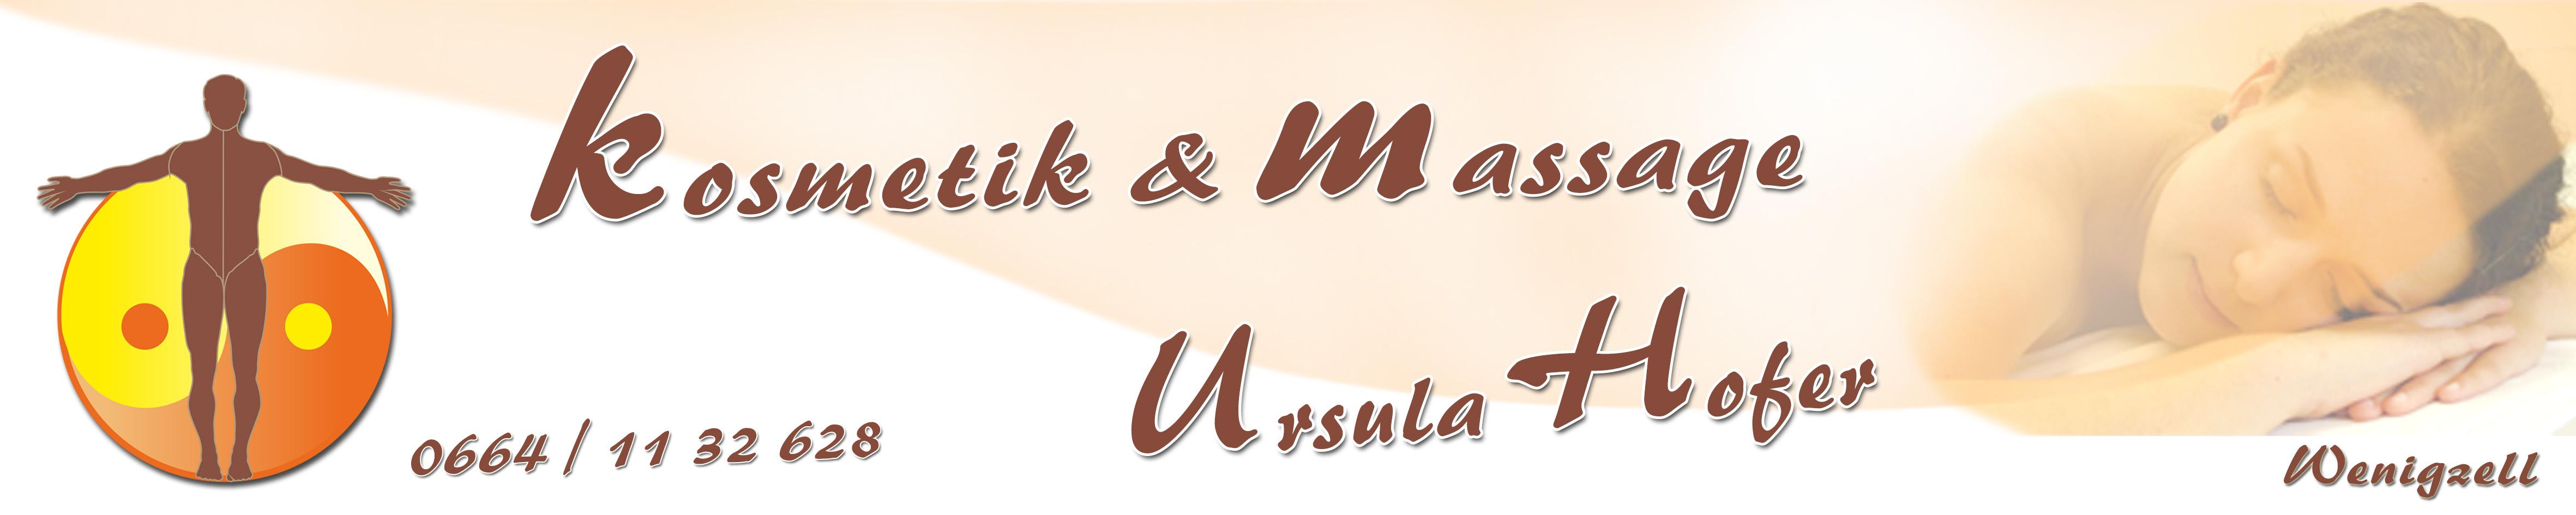 Kosmetik & Massage Ursula HOFER Wenigzell